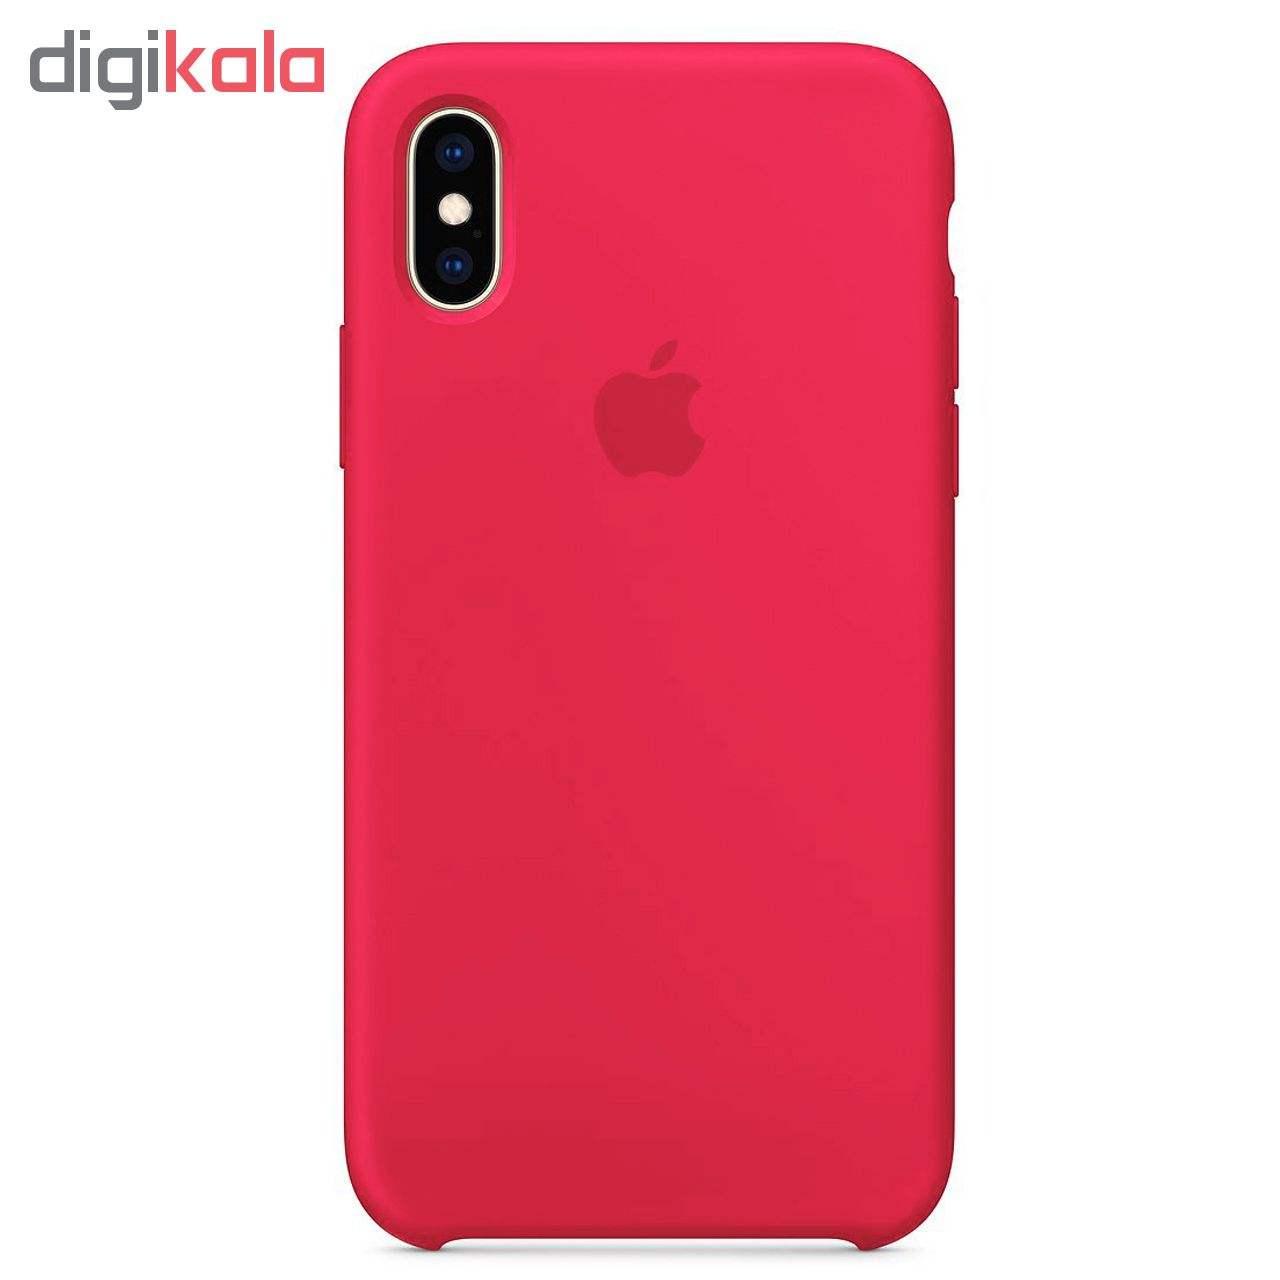 کاور مدل sili003 مناسب برای گوشی موبایل اپل Iphone X / XS main 1 9